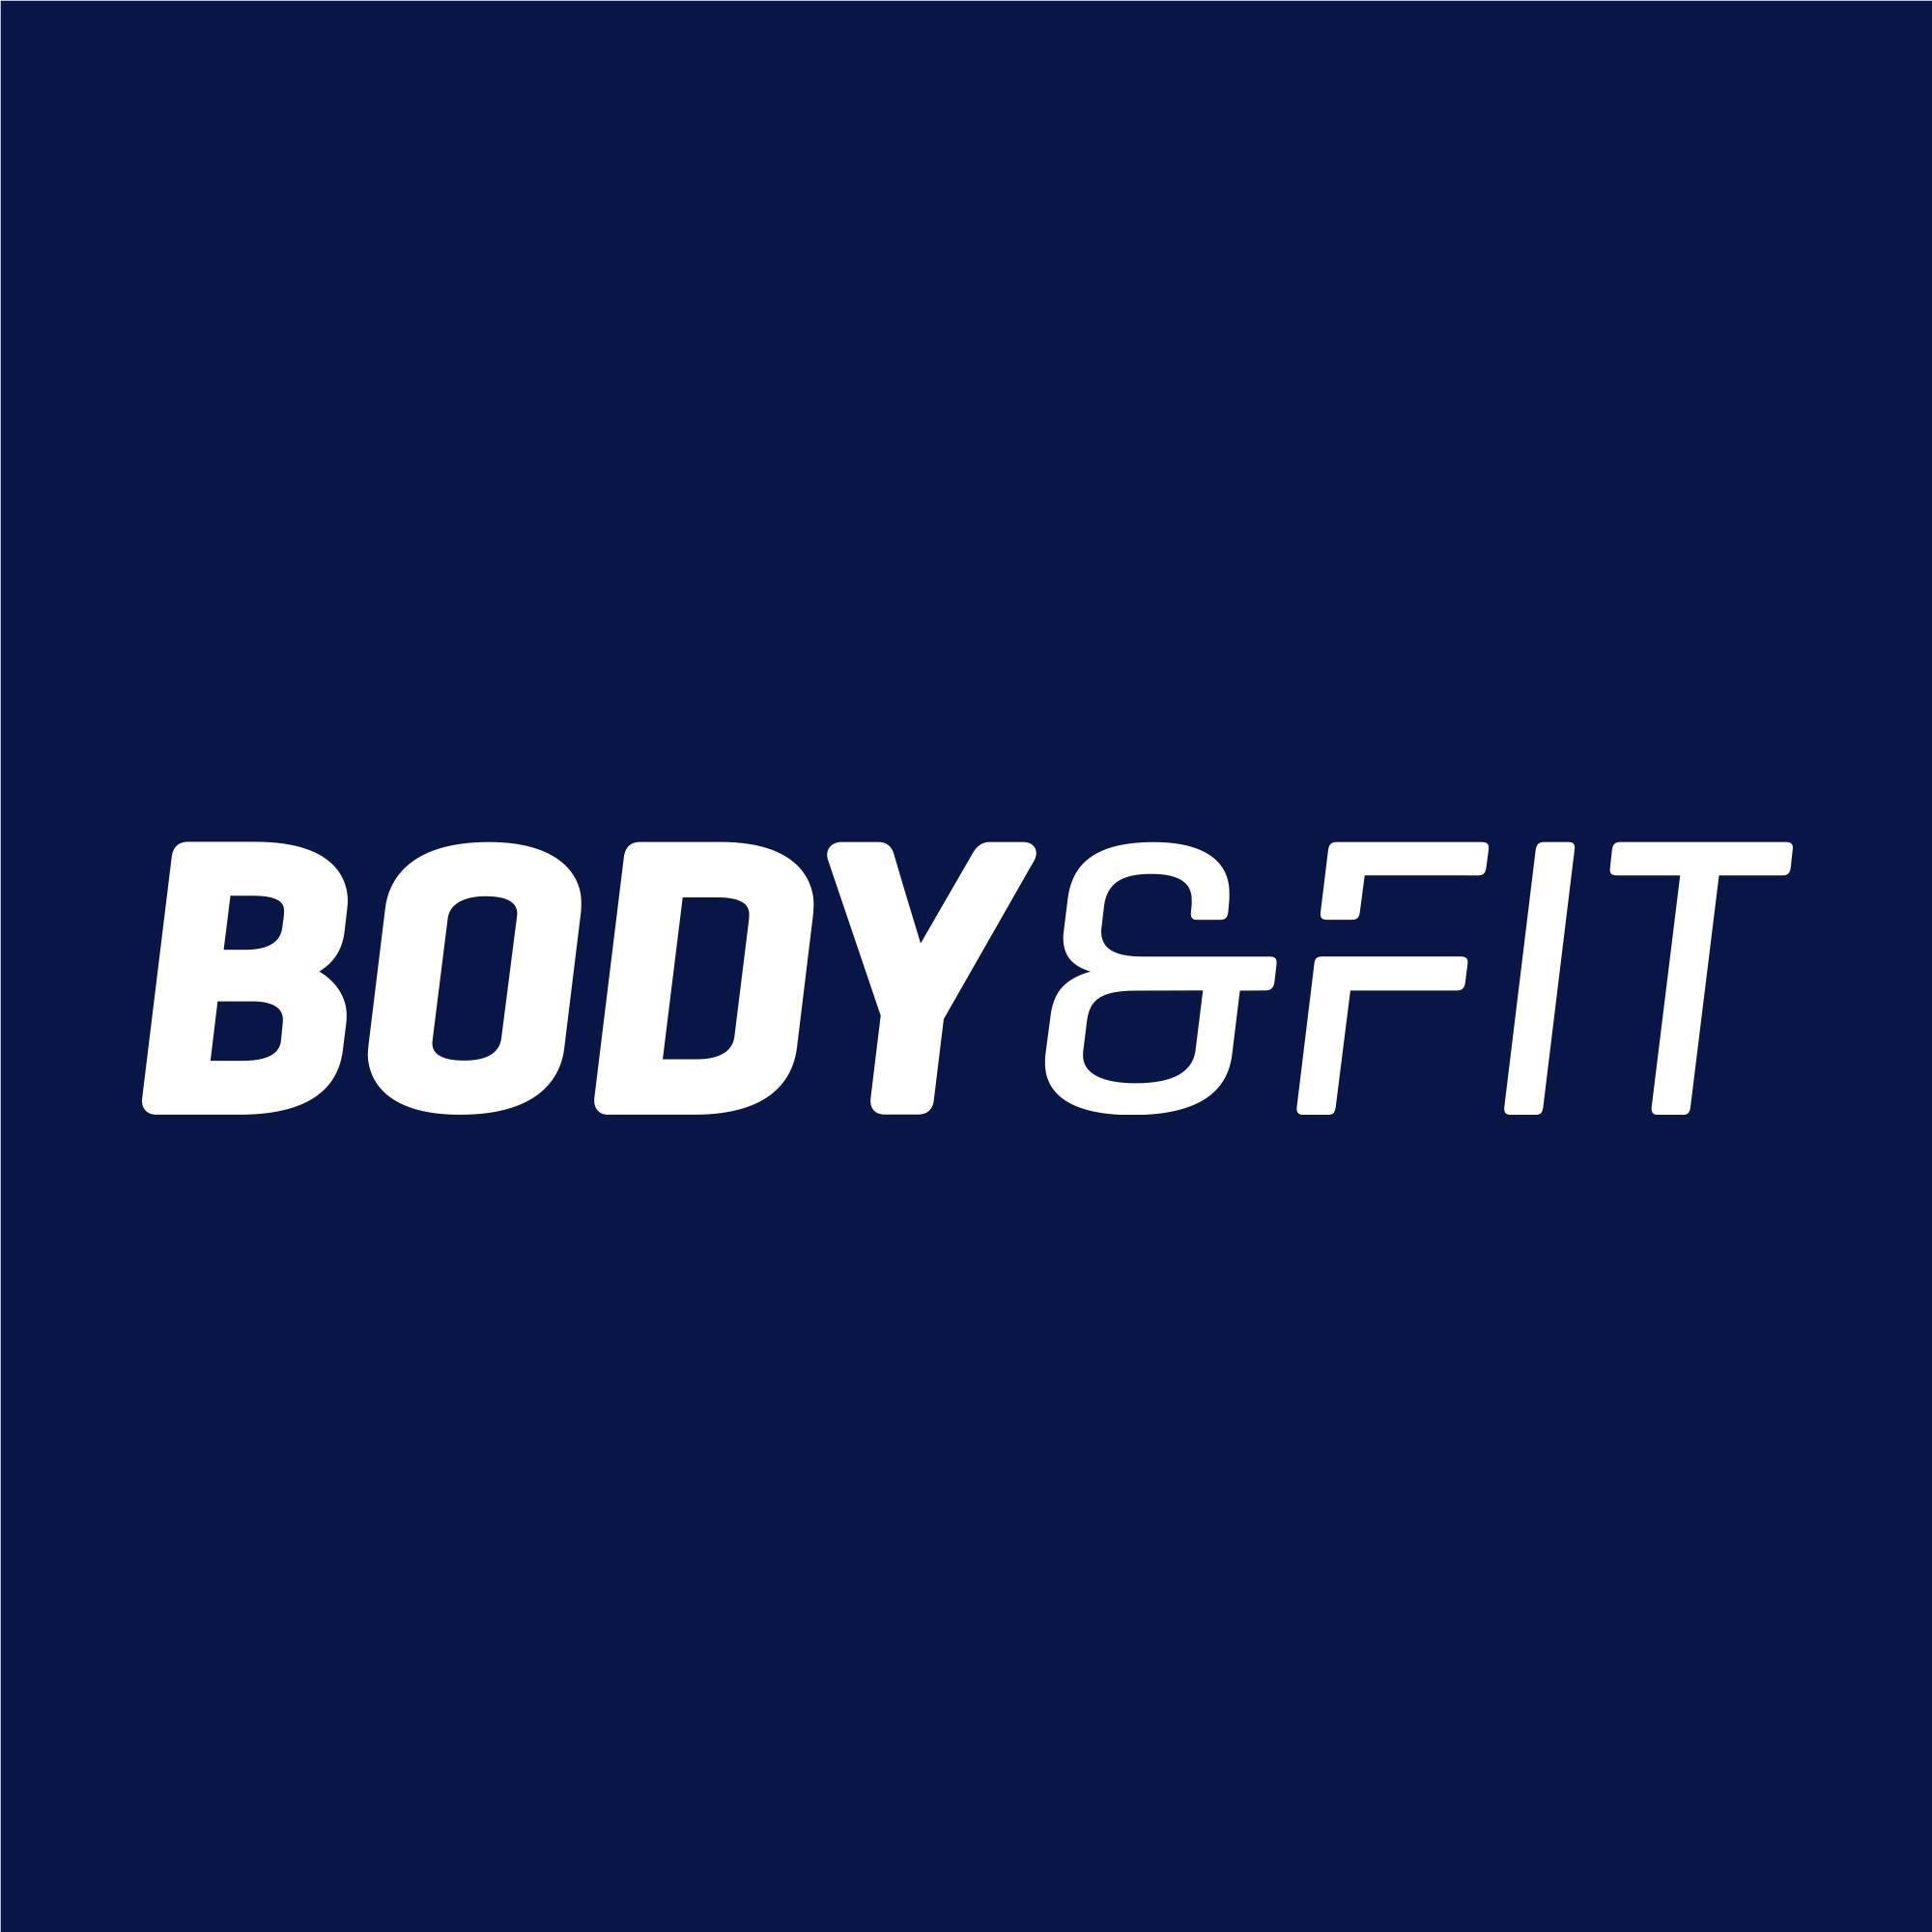 Code promo Body & Fit : Jusqu'à 70% de réduction sur les articles de l'Outlet